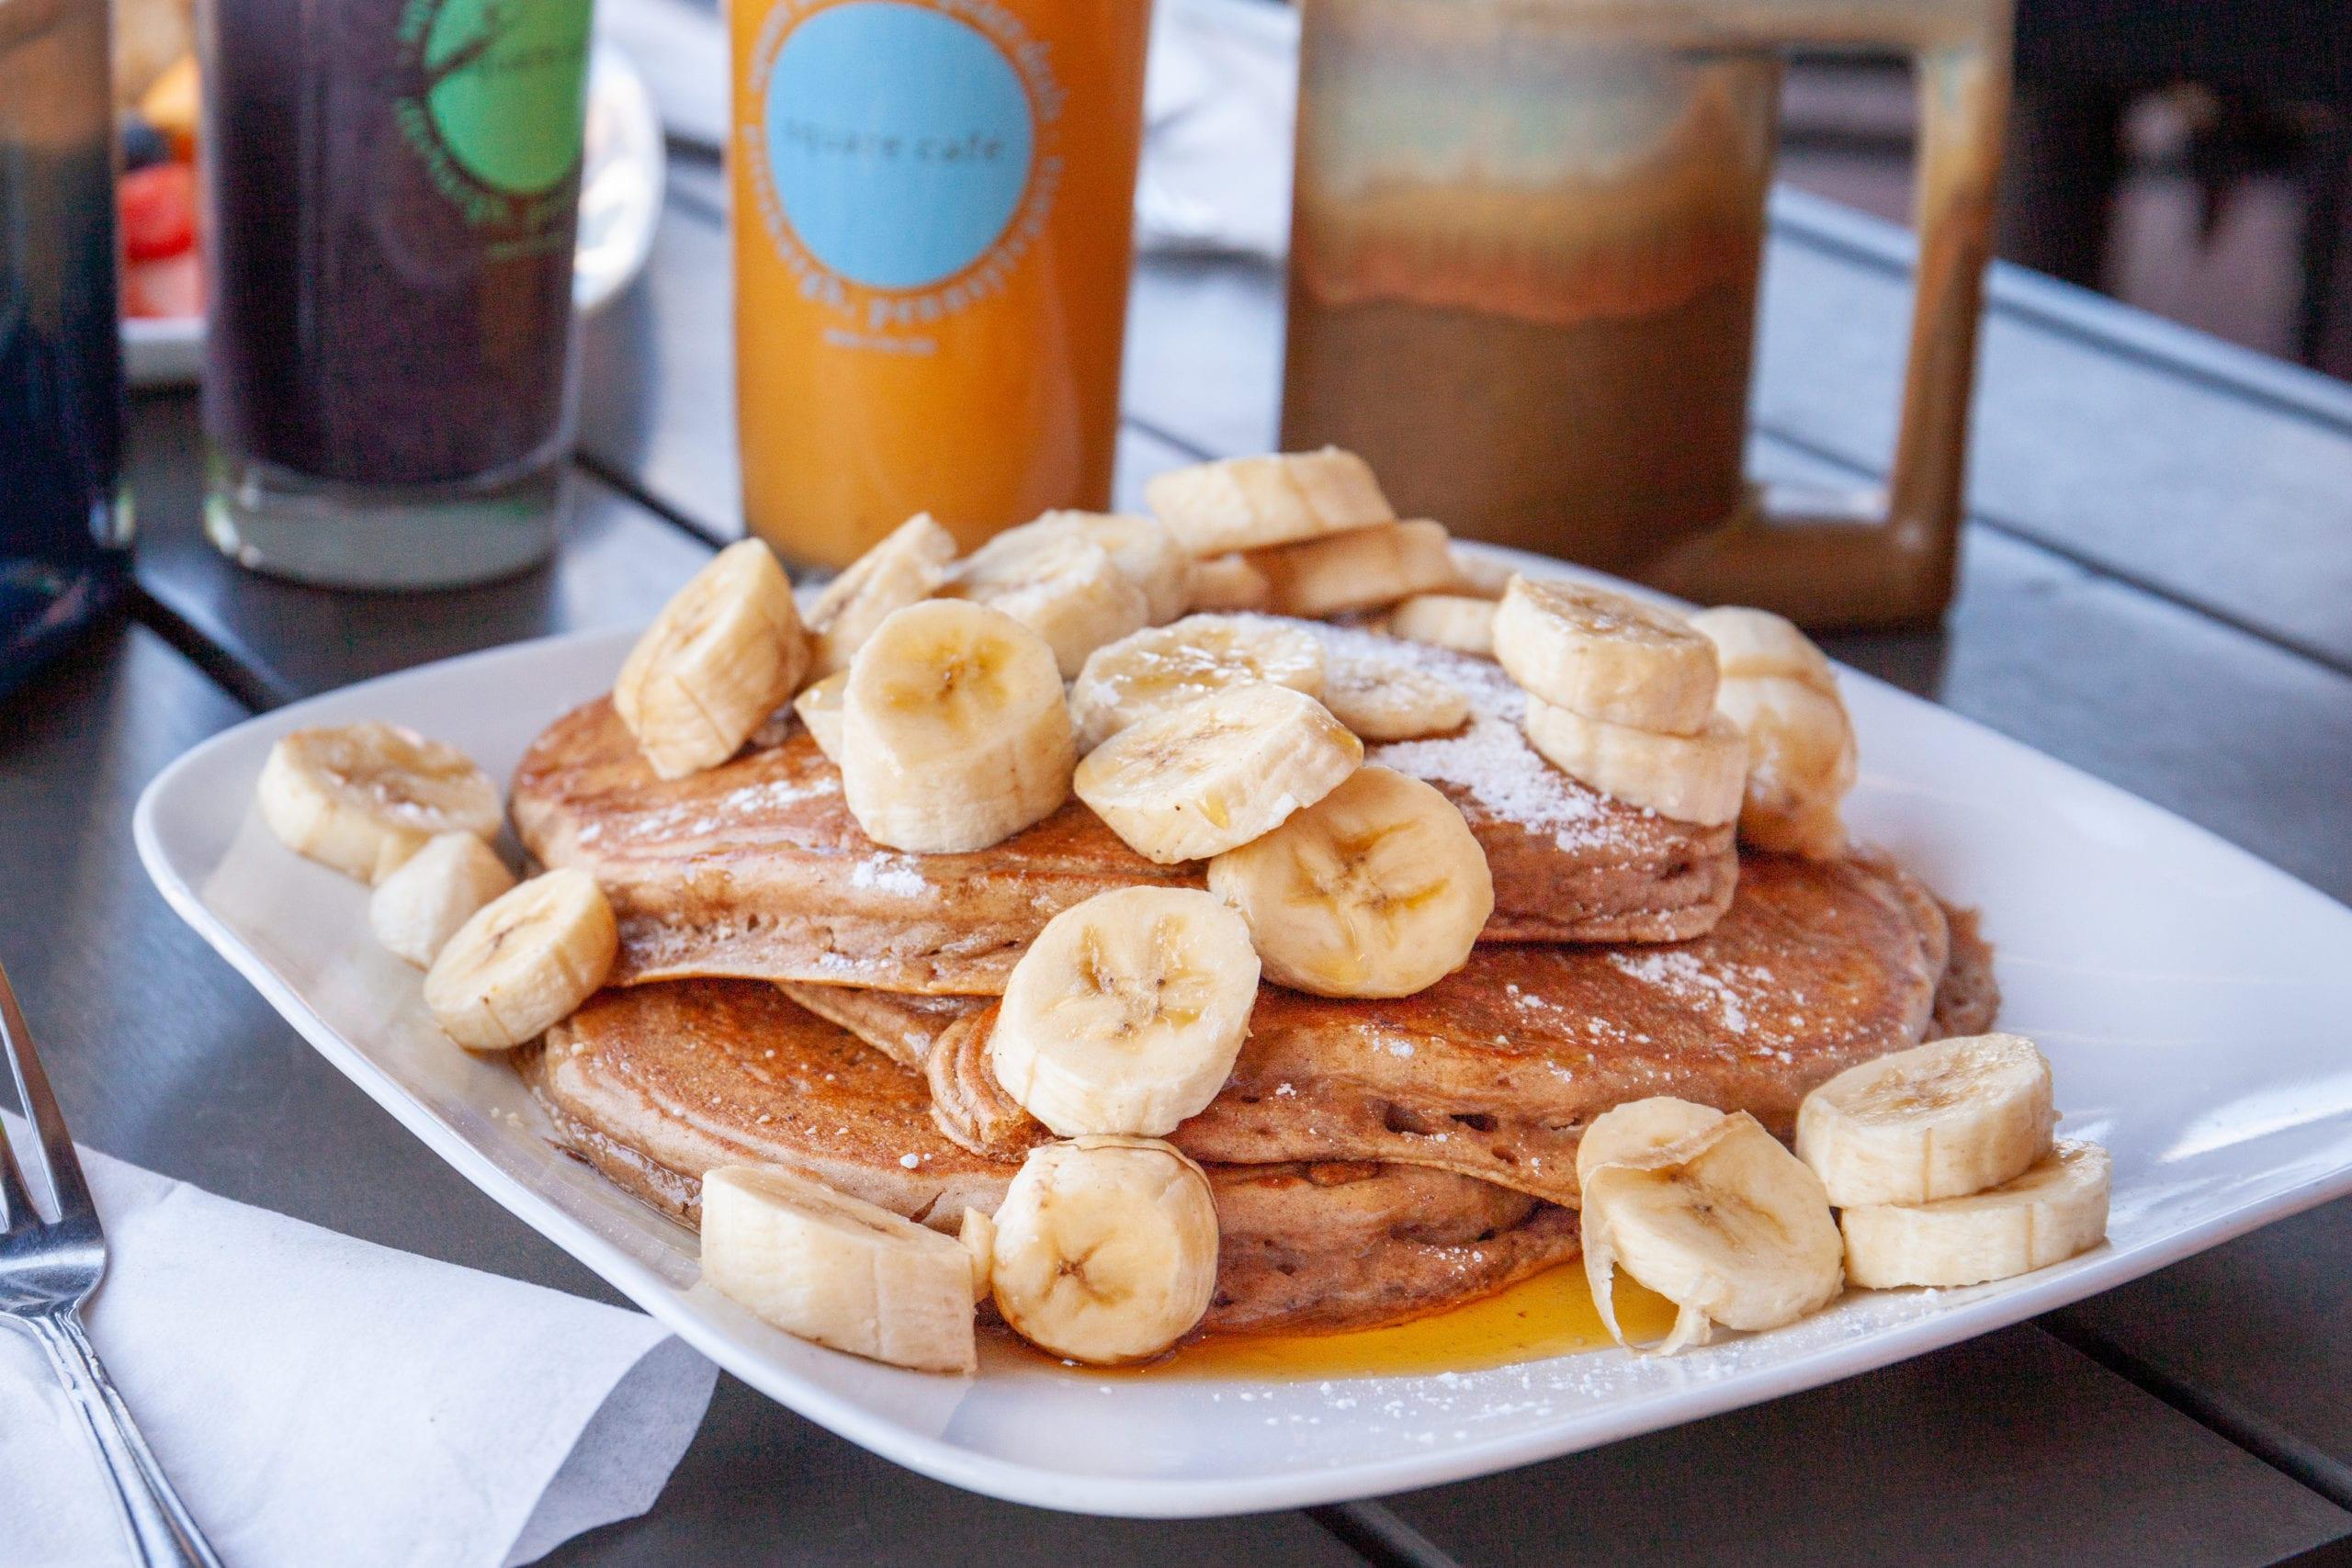 Square Cafe's Vegan Banana Pancakes